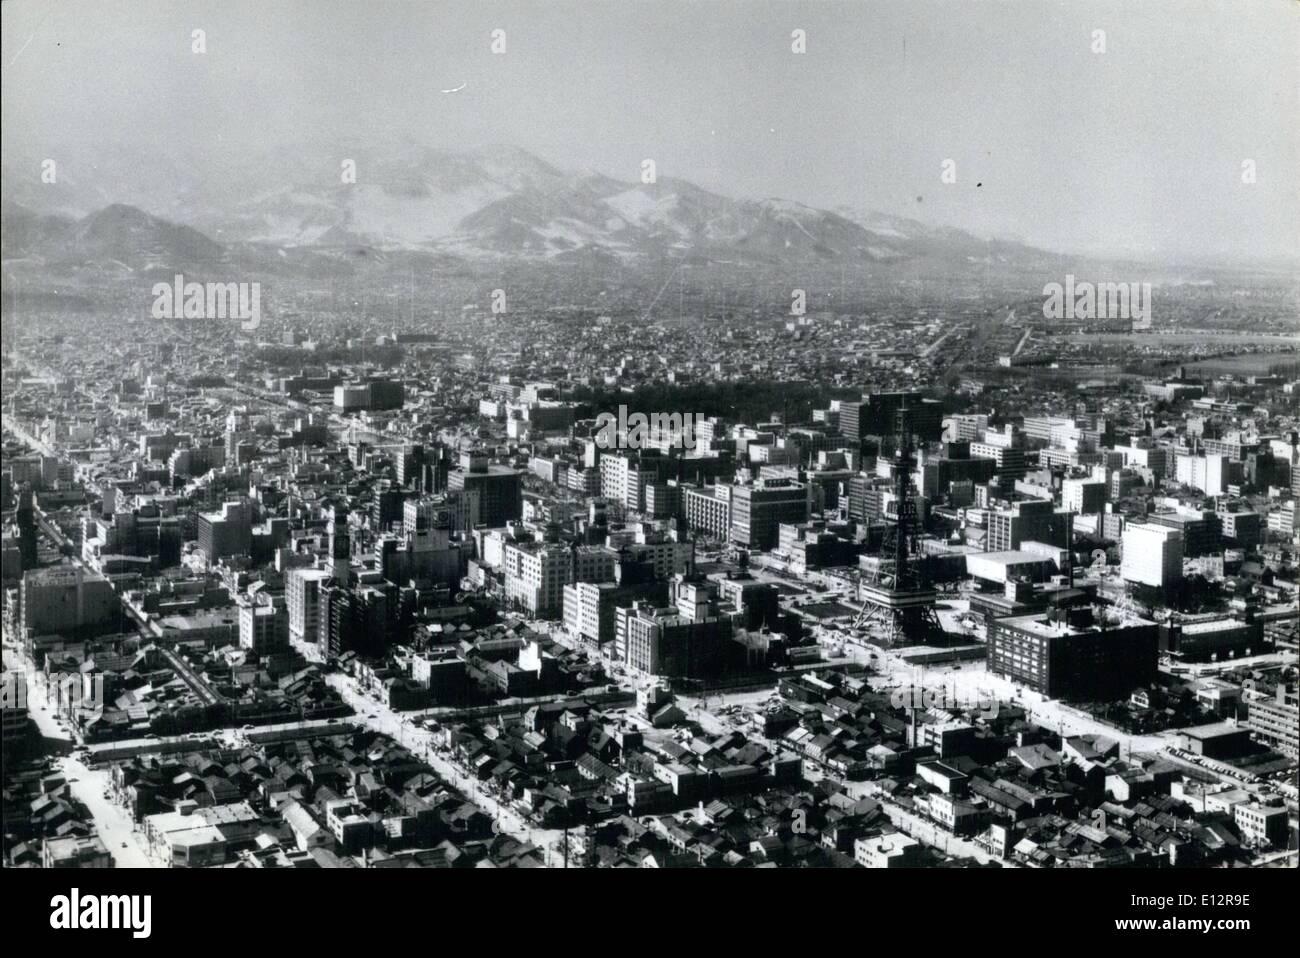 24 février 2012 - SITE POUR LES JEUX OLYMPIQUES D'HIVER DE 1972. Quatorze sites pour les Jeux Olympiques d'hiver de 1972 ont été sélectionnés à Sapporo, ville et montagnes à proximité de Hokkaido, Japon, l'île la plus au nord et les préparatifs sont déjà en cours de remodelage et de construire les différents sites pour le grand événement. PHOTO: Une vue aérienne de la ville de Sapporo, la capitale de Hokkaido, avec une population de 900 000 personnes. Dans la distance est le Mont Teine. Photo Stock